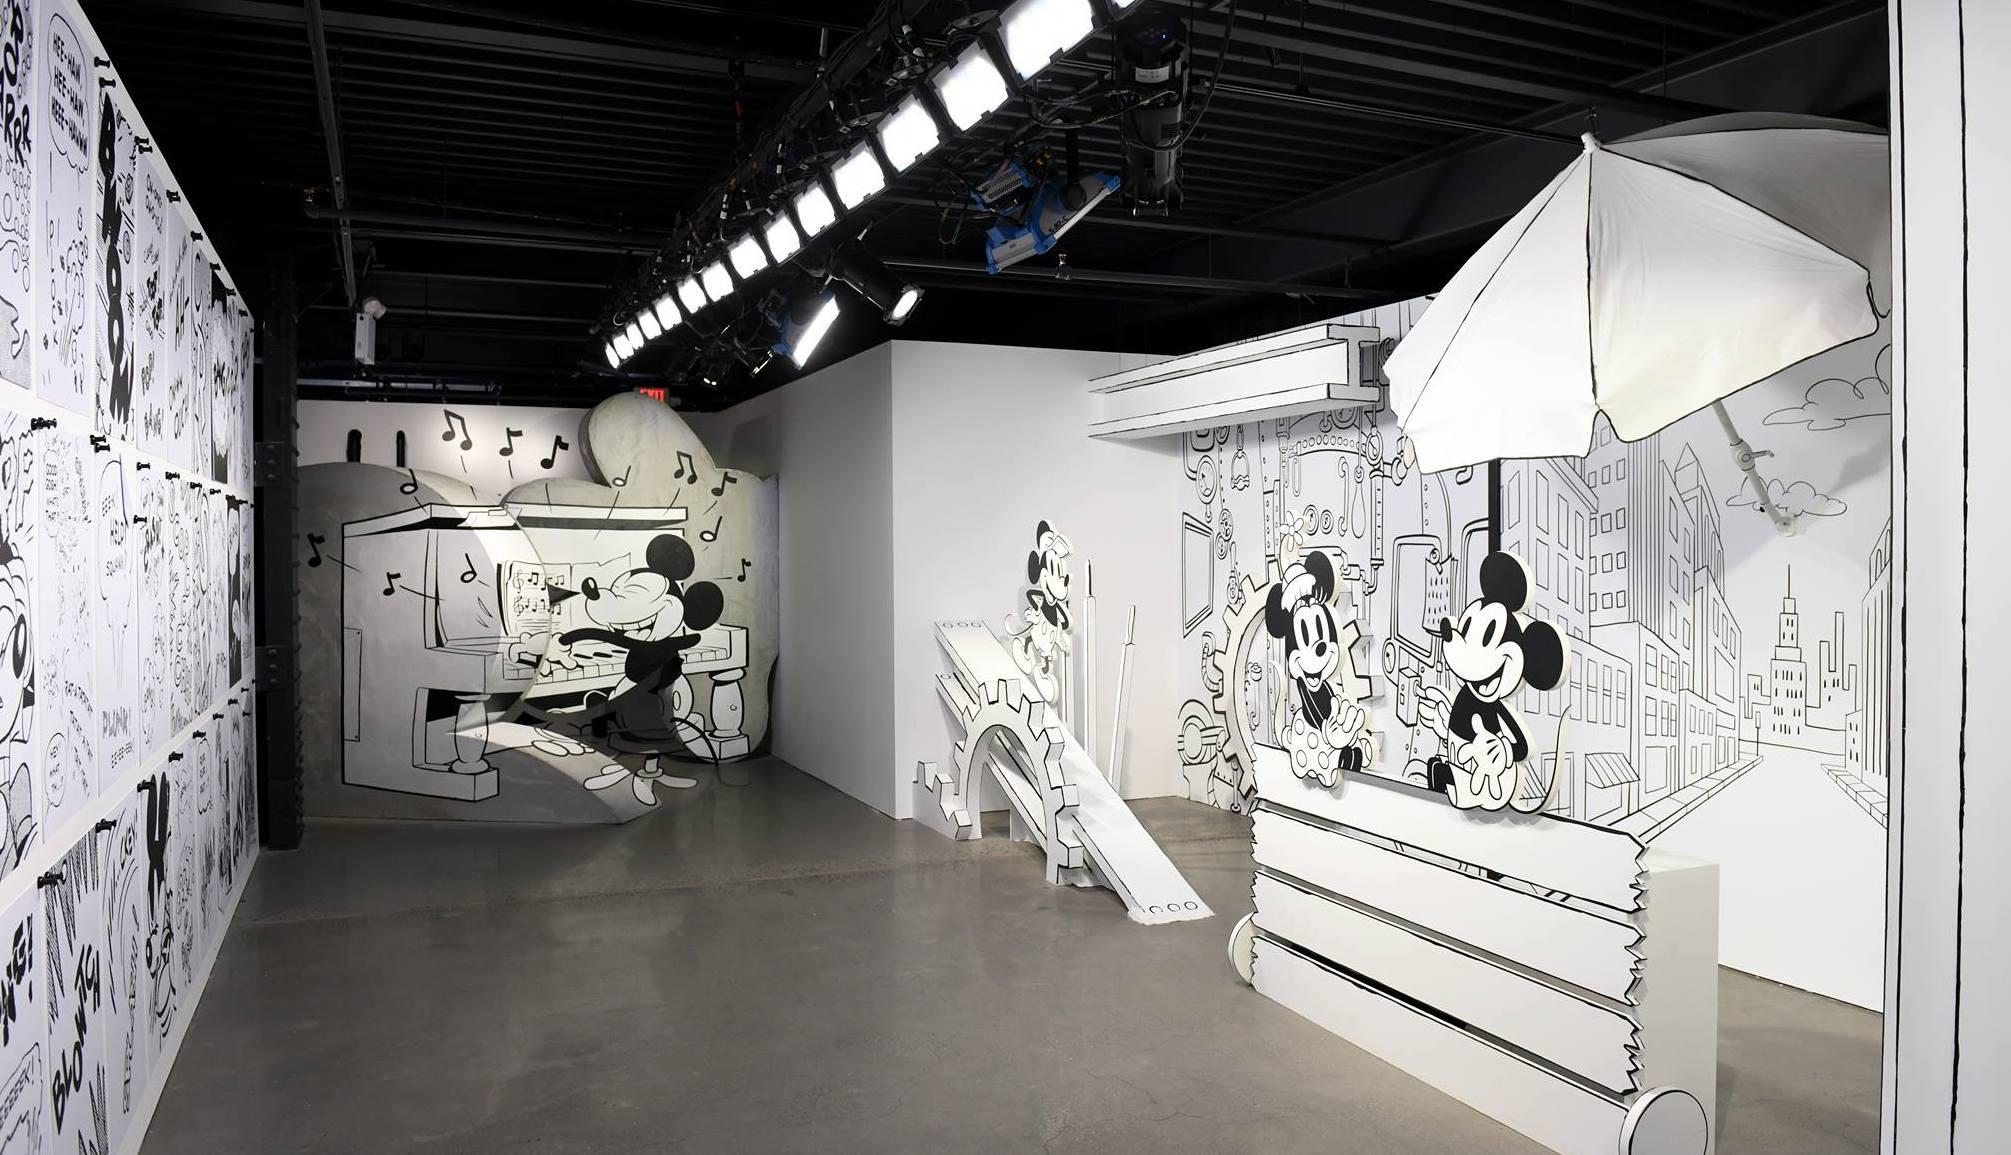 Nueva York celebra a Mickey Mouse con una muestra artística